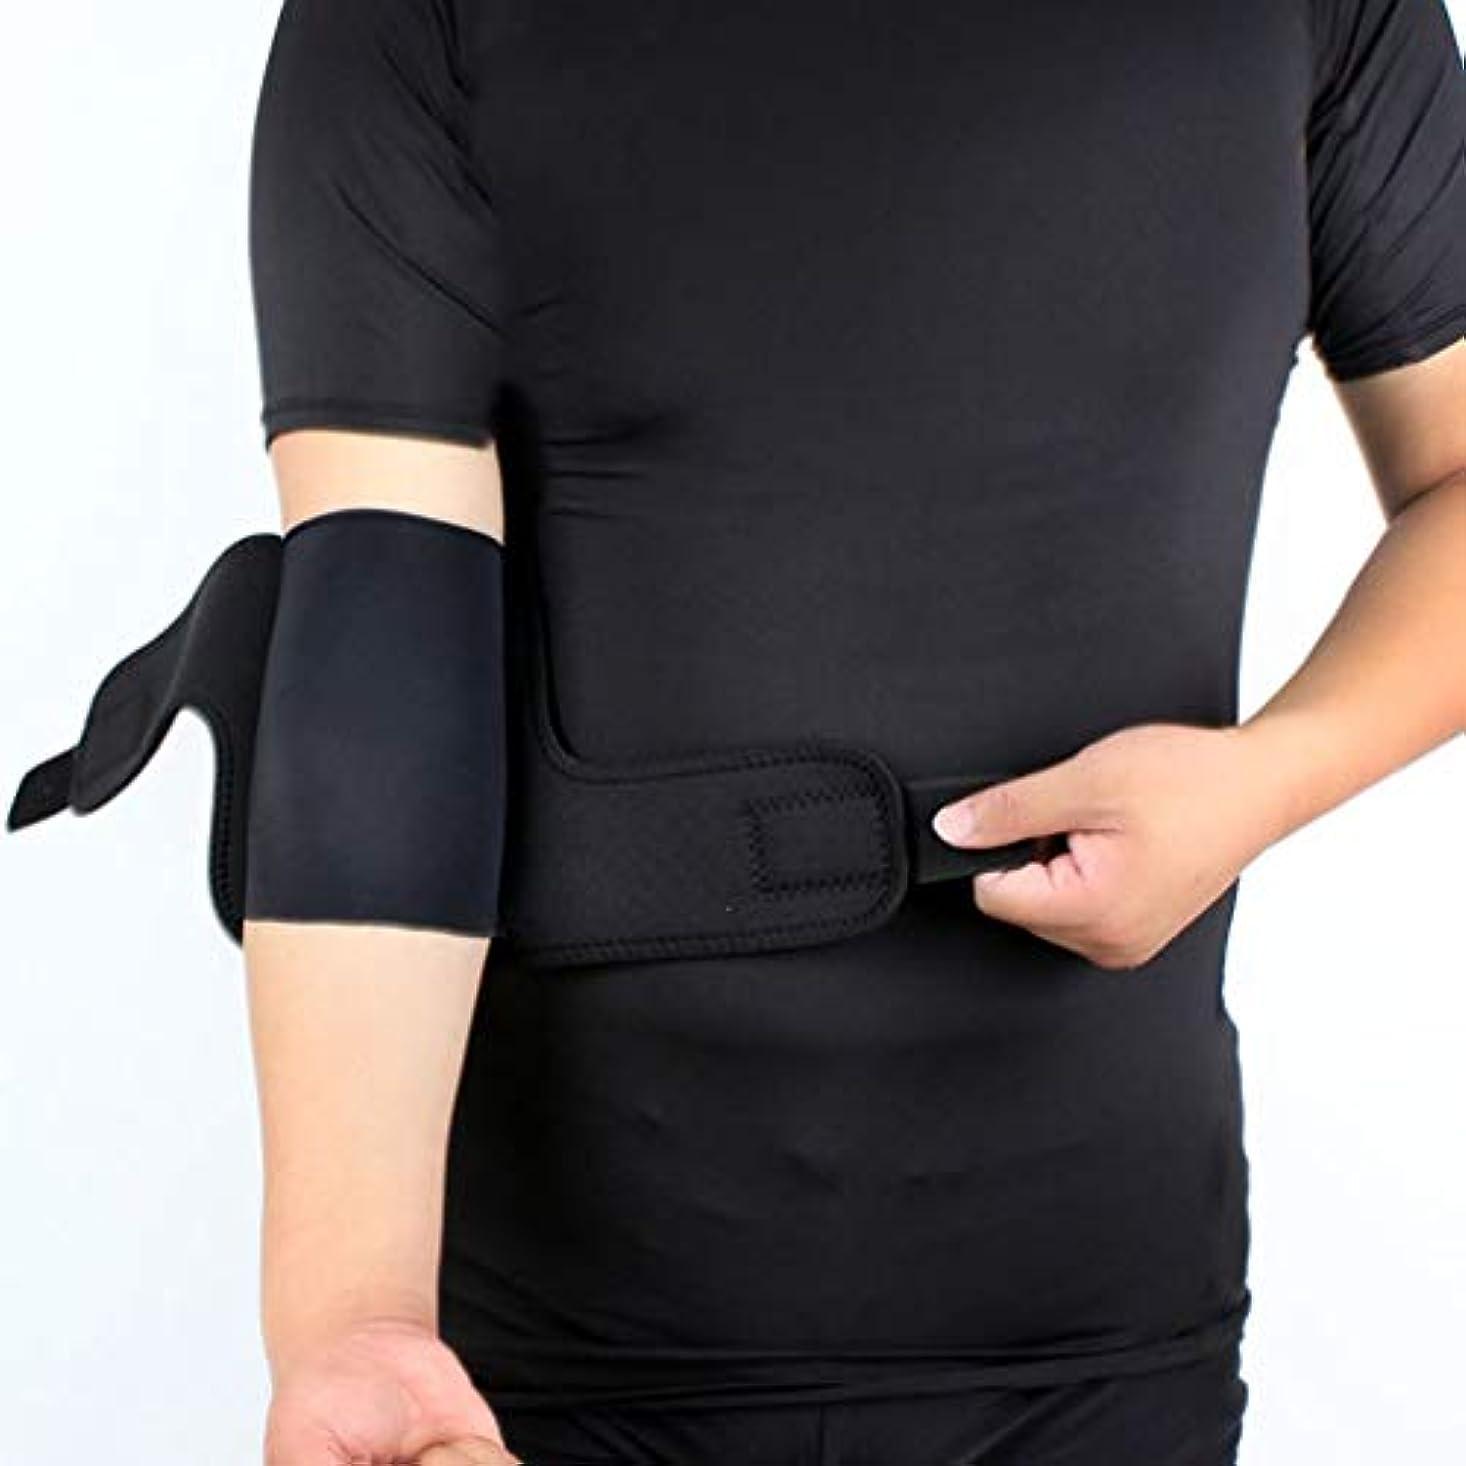 灰したい校長スポーツ肘プロテクターバスケットボールアームガード通気性保護肘パッド-Rustle666